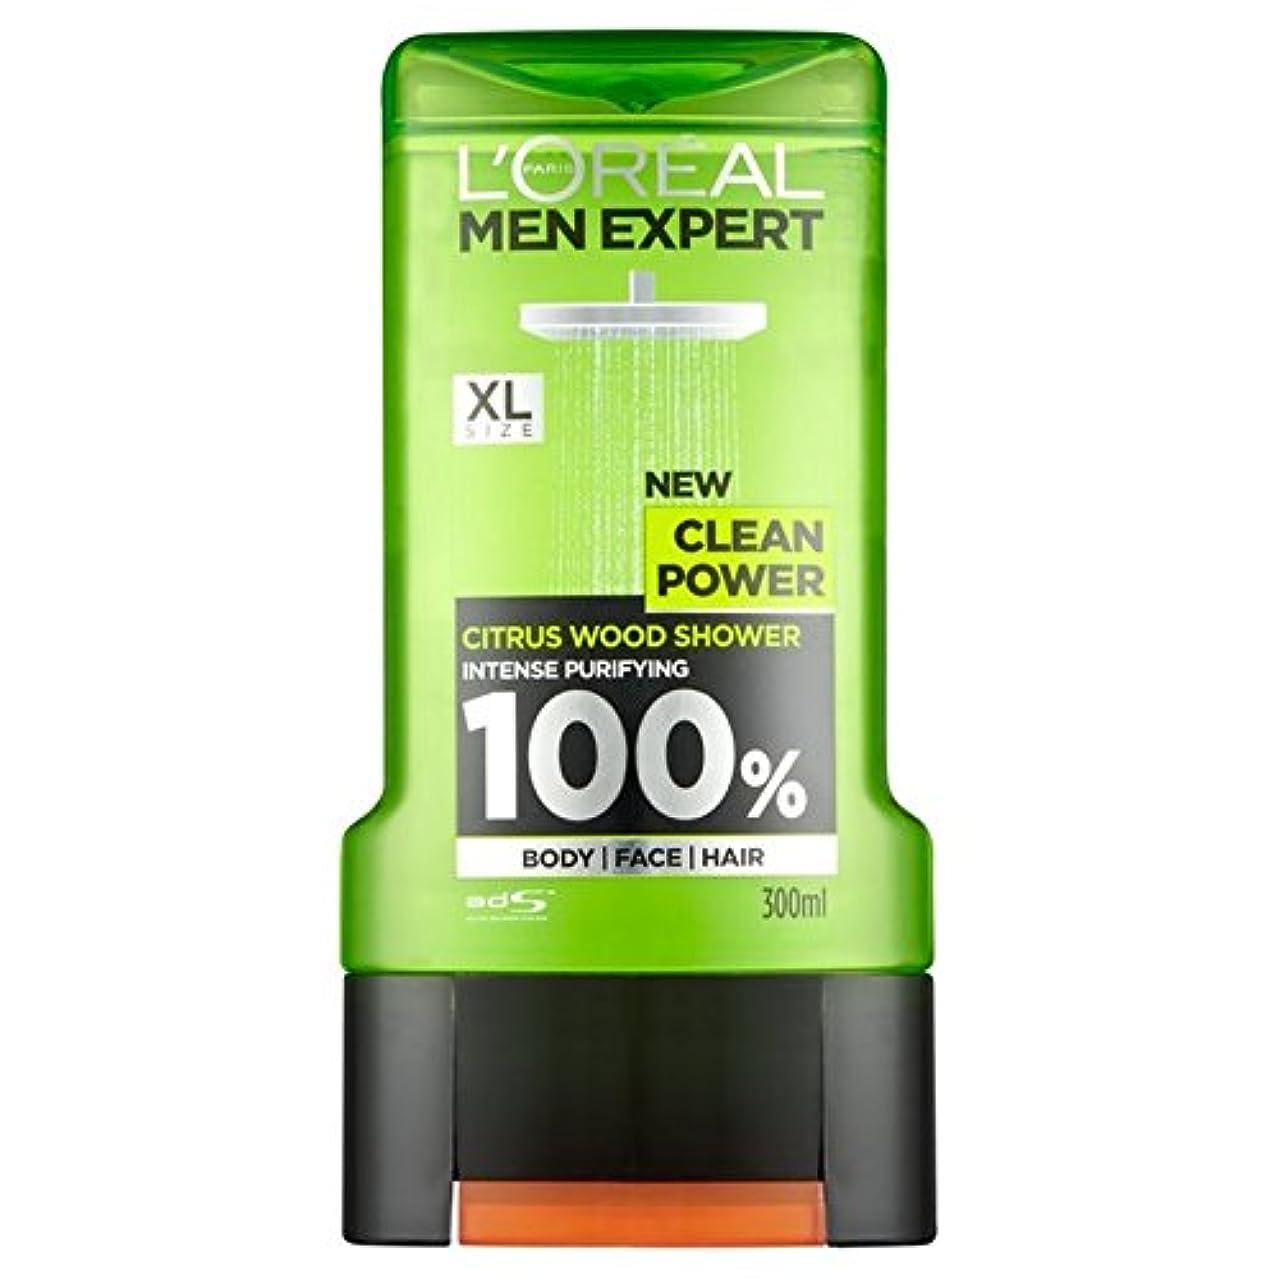 蒸し器ラップトップゴールデンロレアルパリの男性の専門家クリーンパワーシャワージェル300ミリリットル x4 - L'Oreal Paris Men Expert Clean Power Shower Gel 300ml (Pack of 4) [並行輸入品]